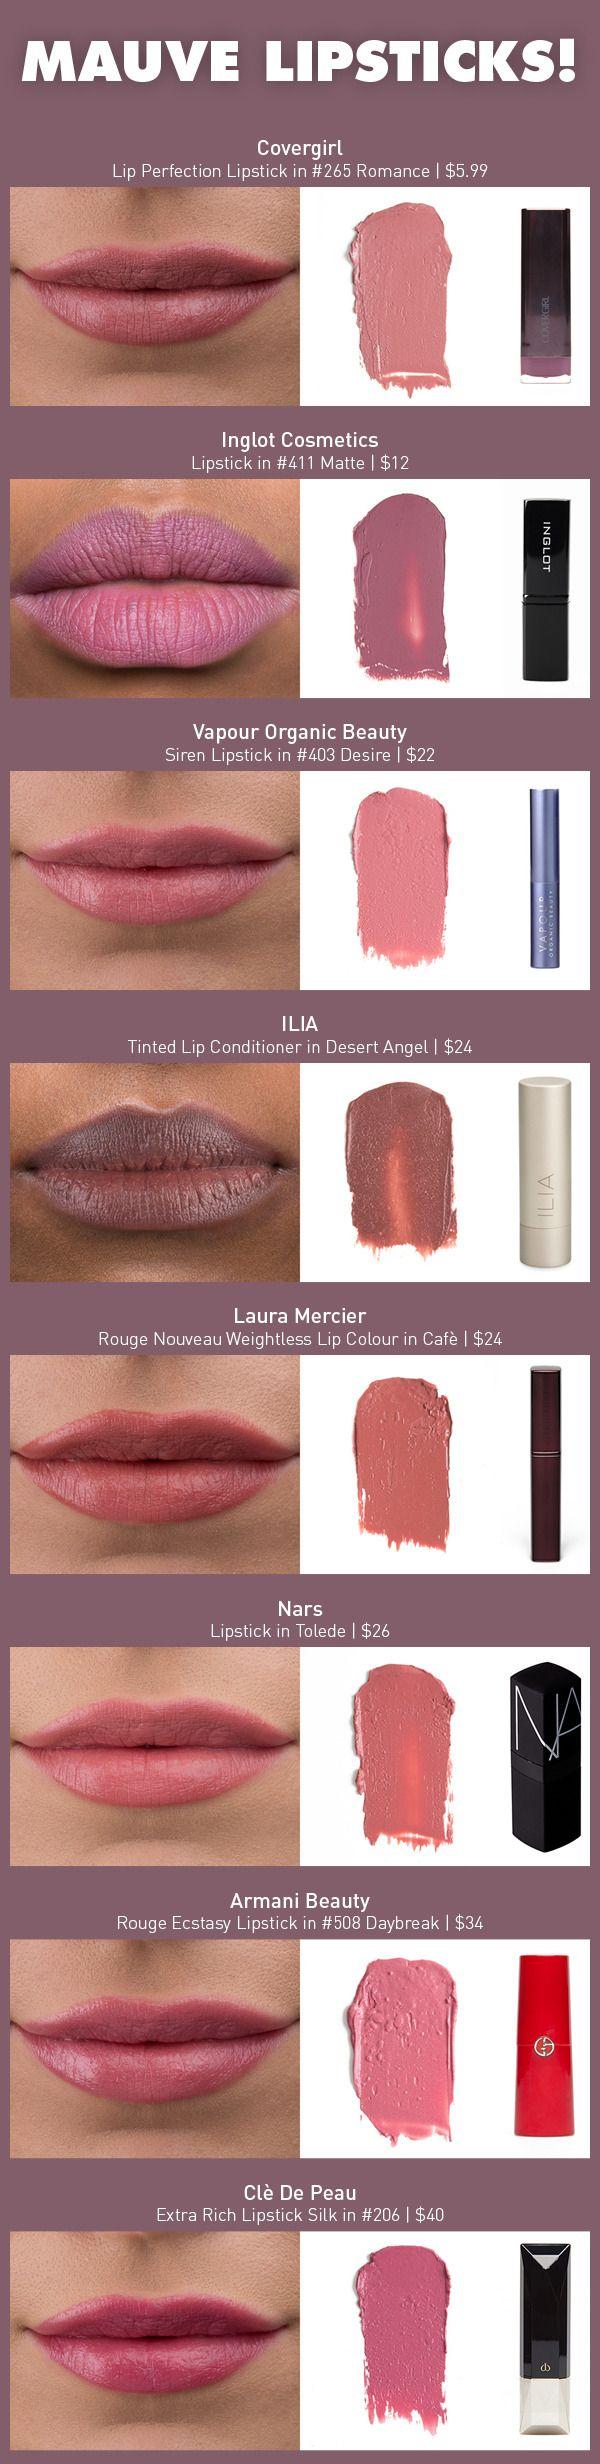 25+ best ideas about Mauve lipstick on Pinterest | Mauve makeup ...